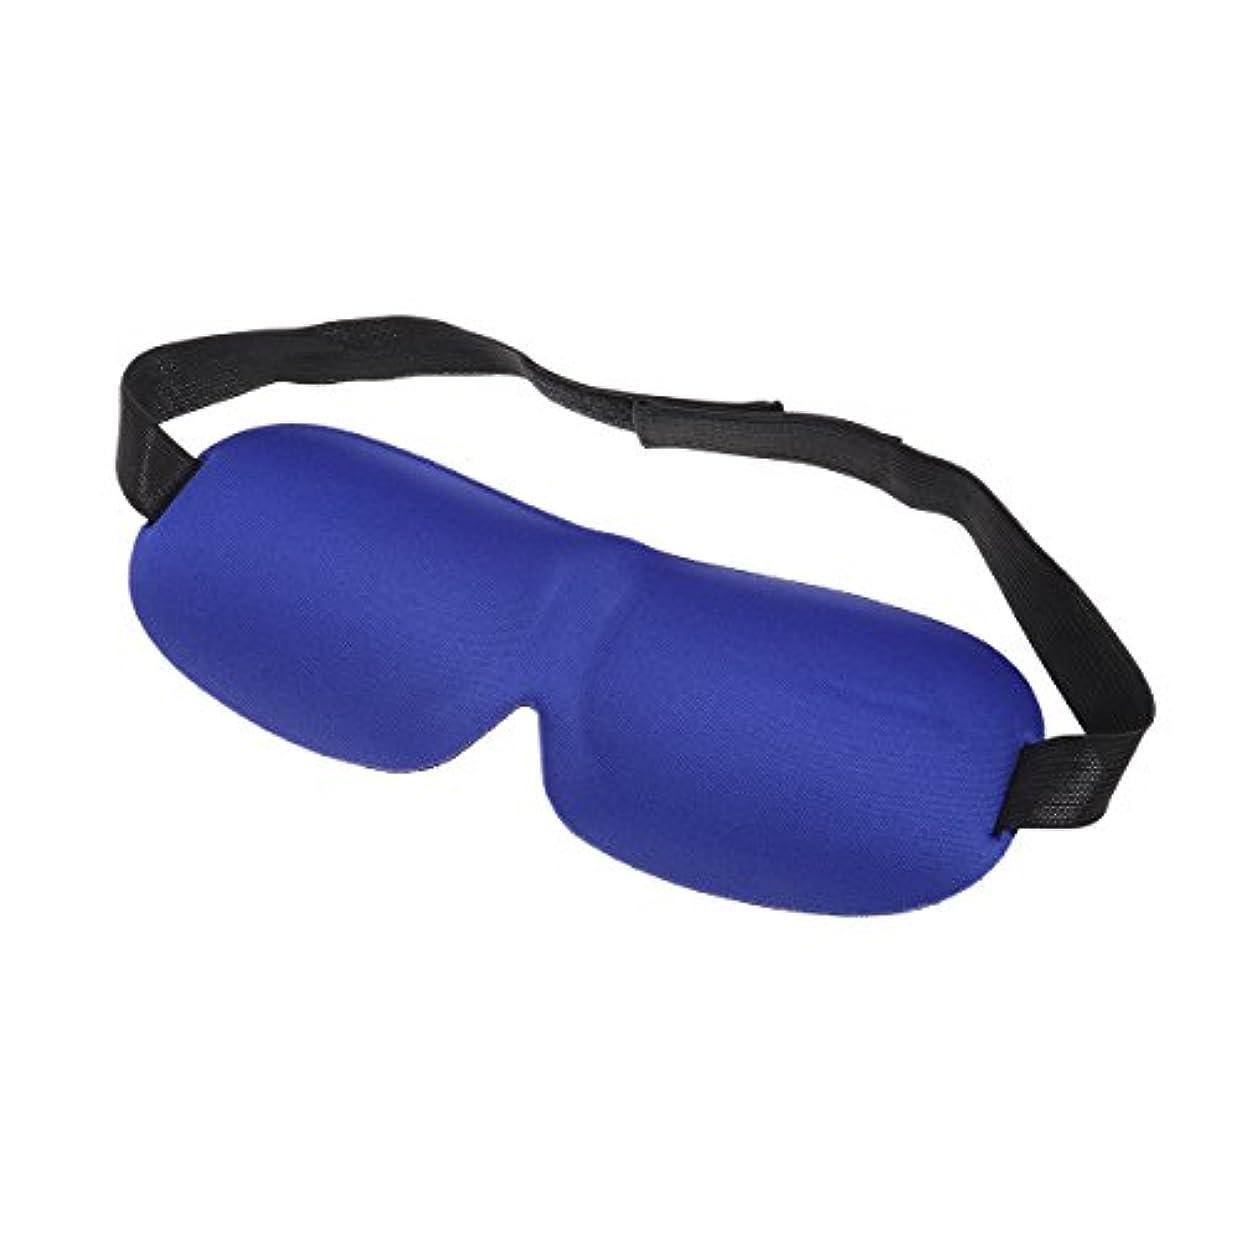 大脳ドナー強度ROSENICE アイマスク 遮光 睡眠 軽量 目隠し 圧迫感なし 調節可能 3D睡眠マスク(ブルー)